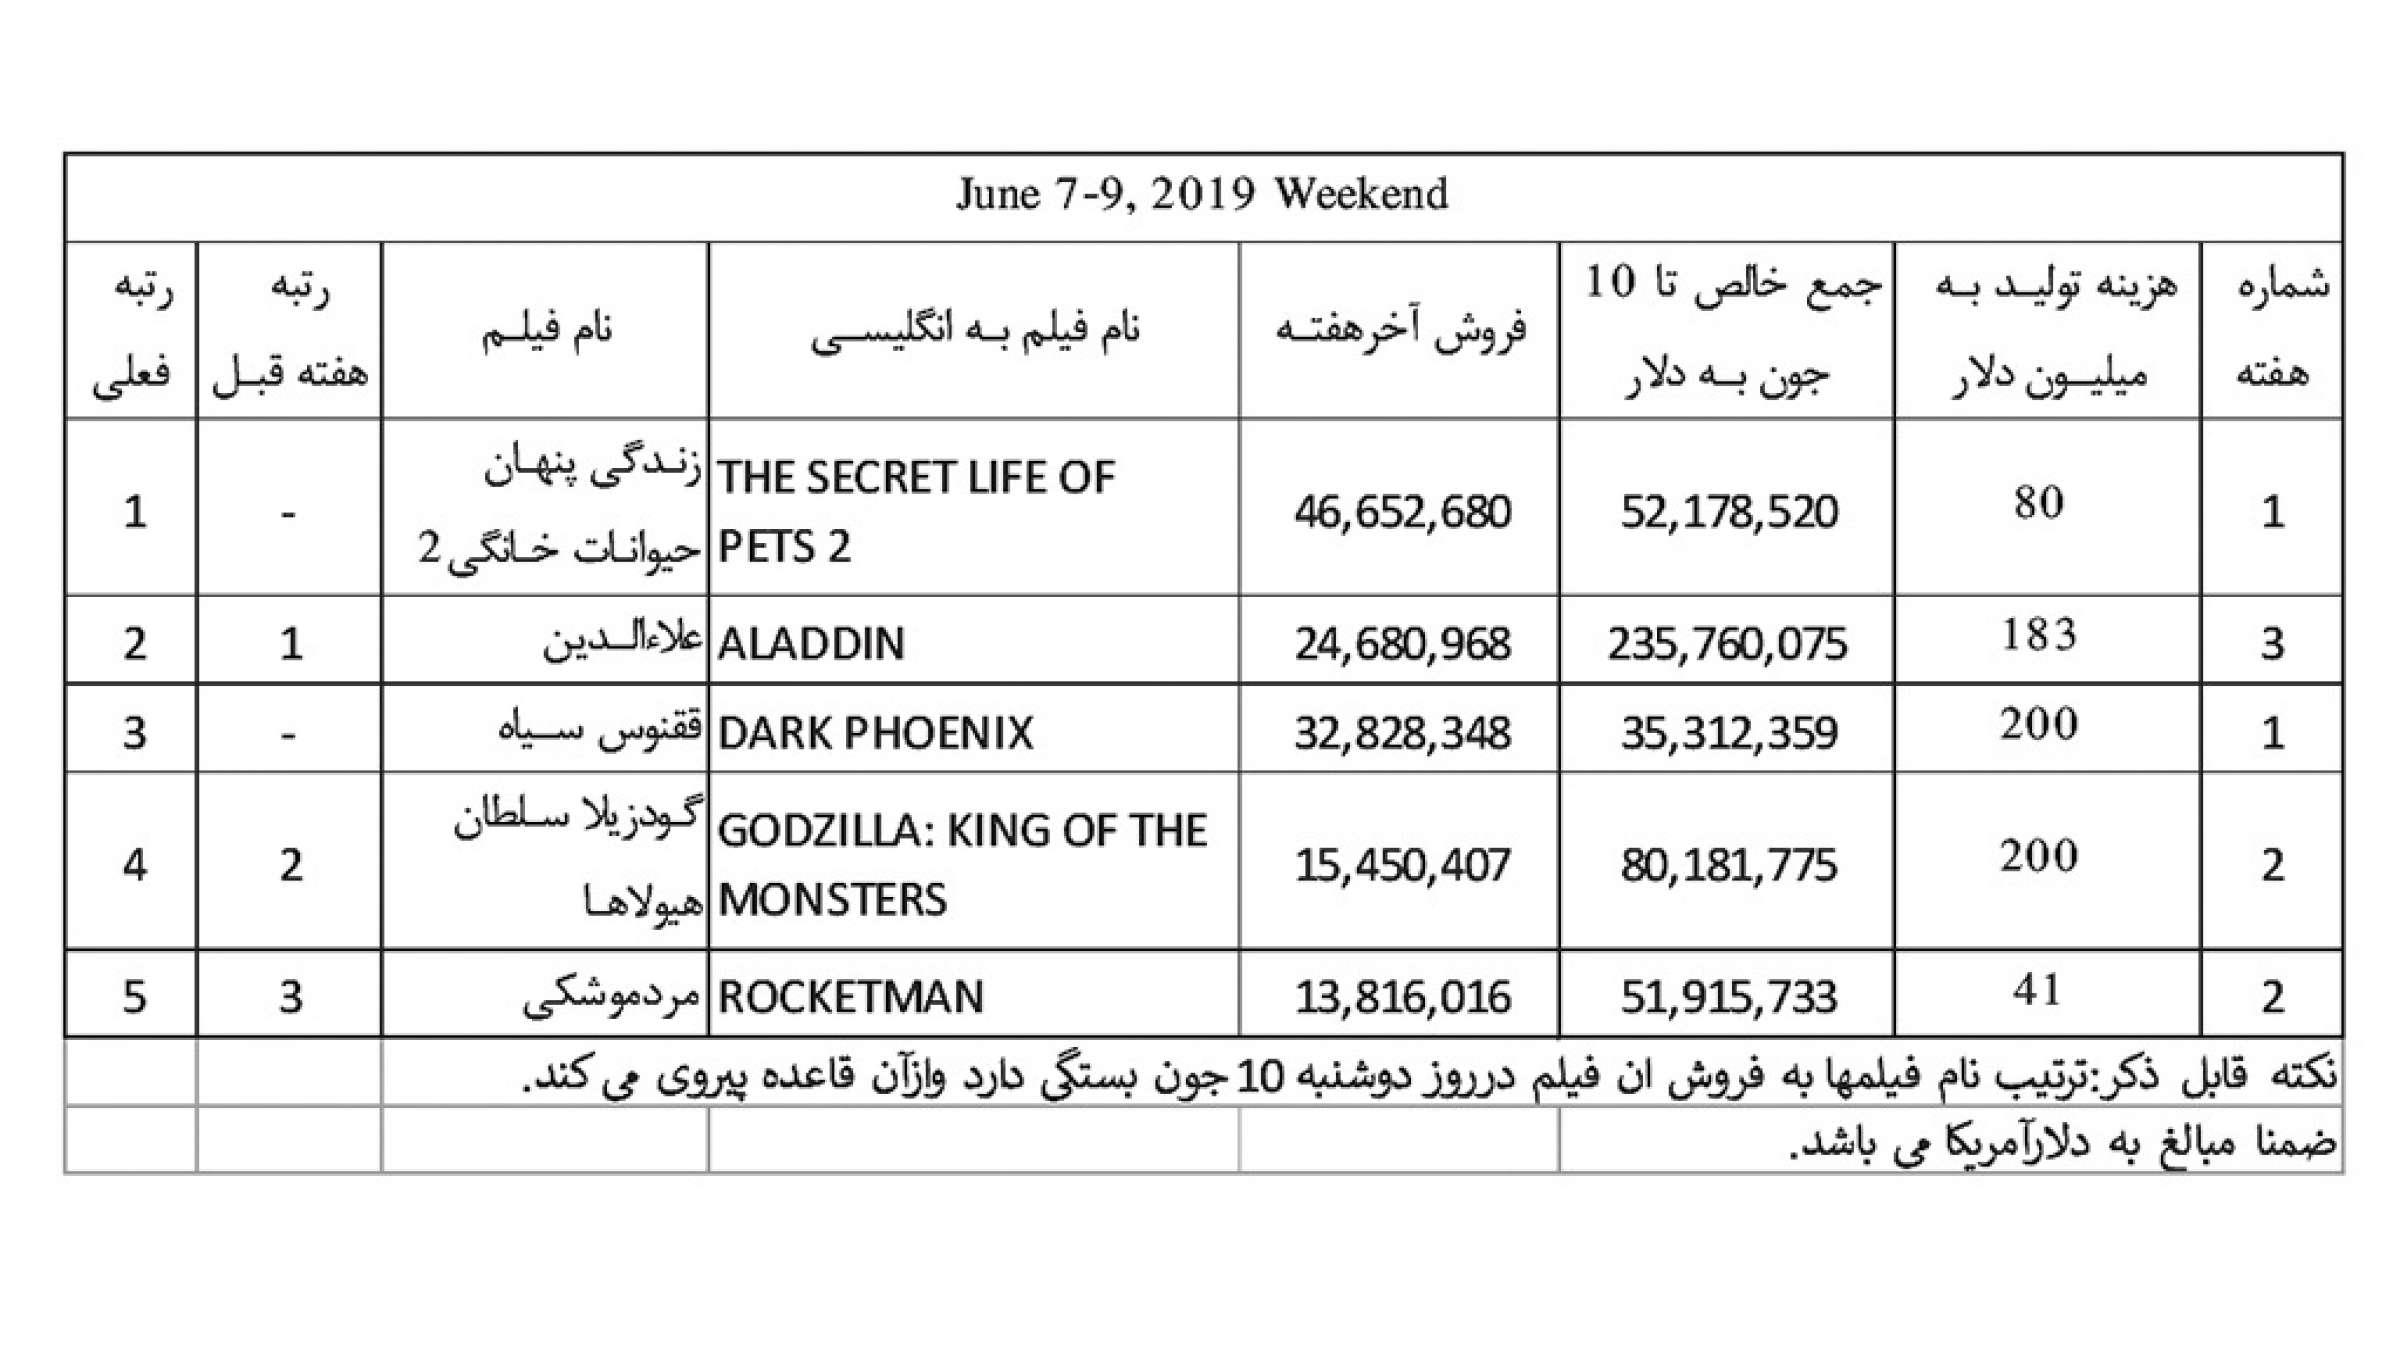 فروش-هفته-دوم-ماه-جون-2019-ناظمزاده-فیلم